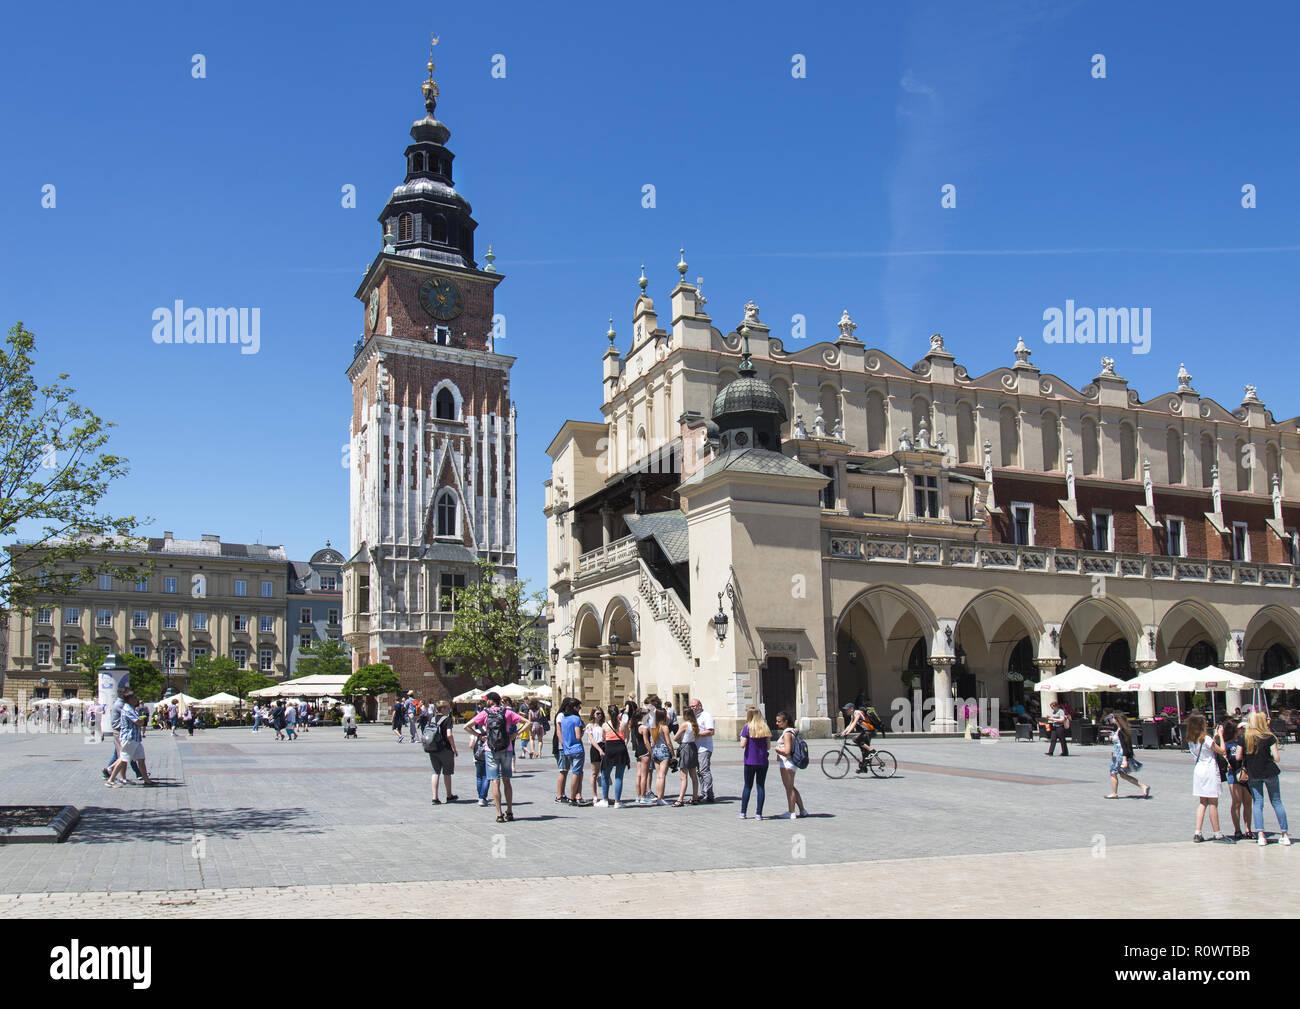 Krakau, Hauptmarkt mit Tuchhallen und Rathausturm, Polen Stock Photo